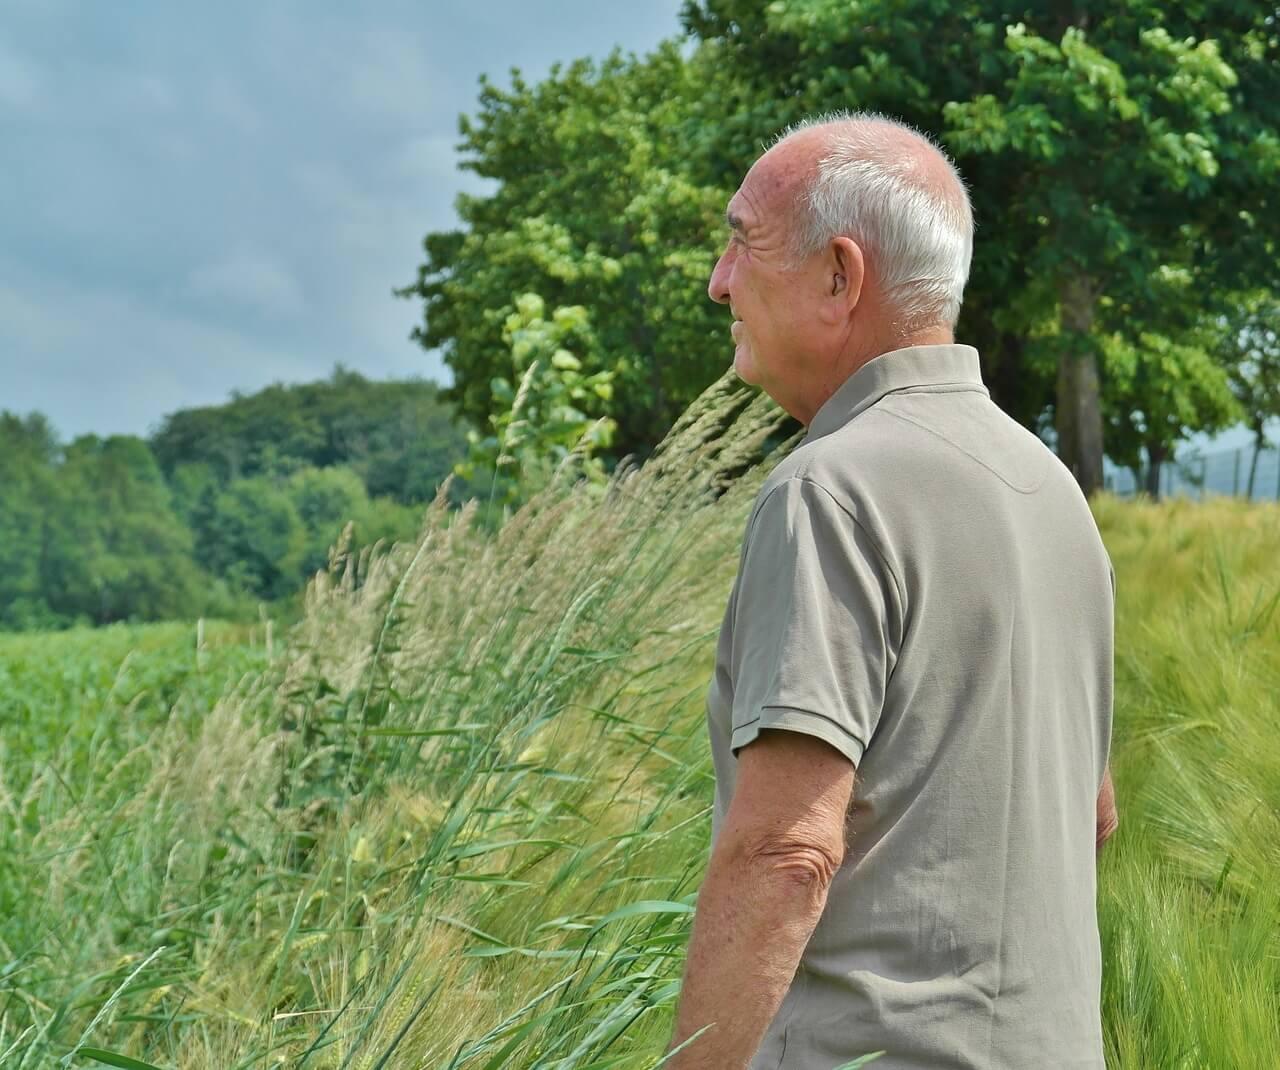 Rente mit 63: Keine Anrechnung von Arbeitslosenzeiten